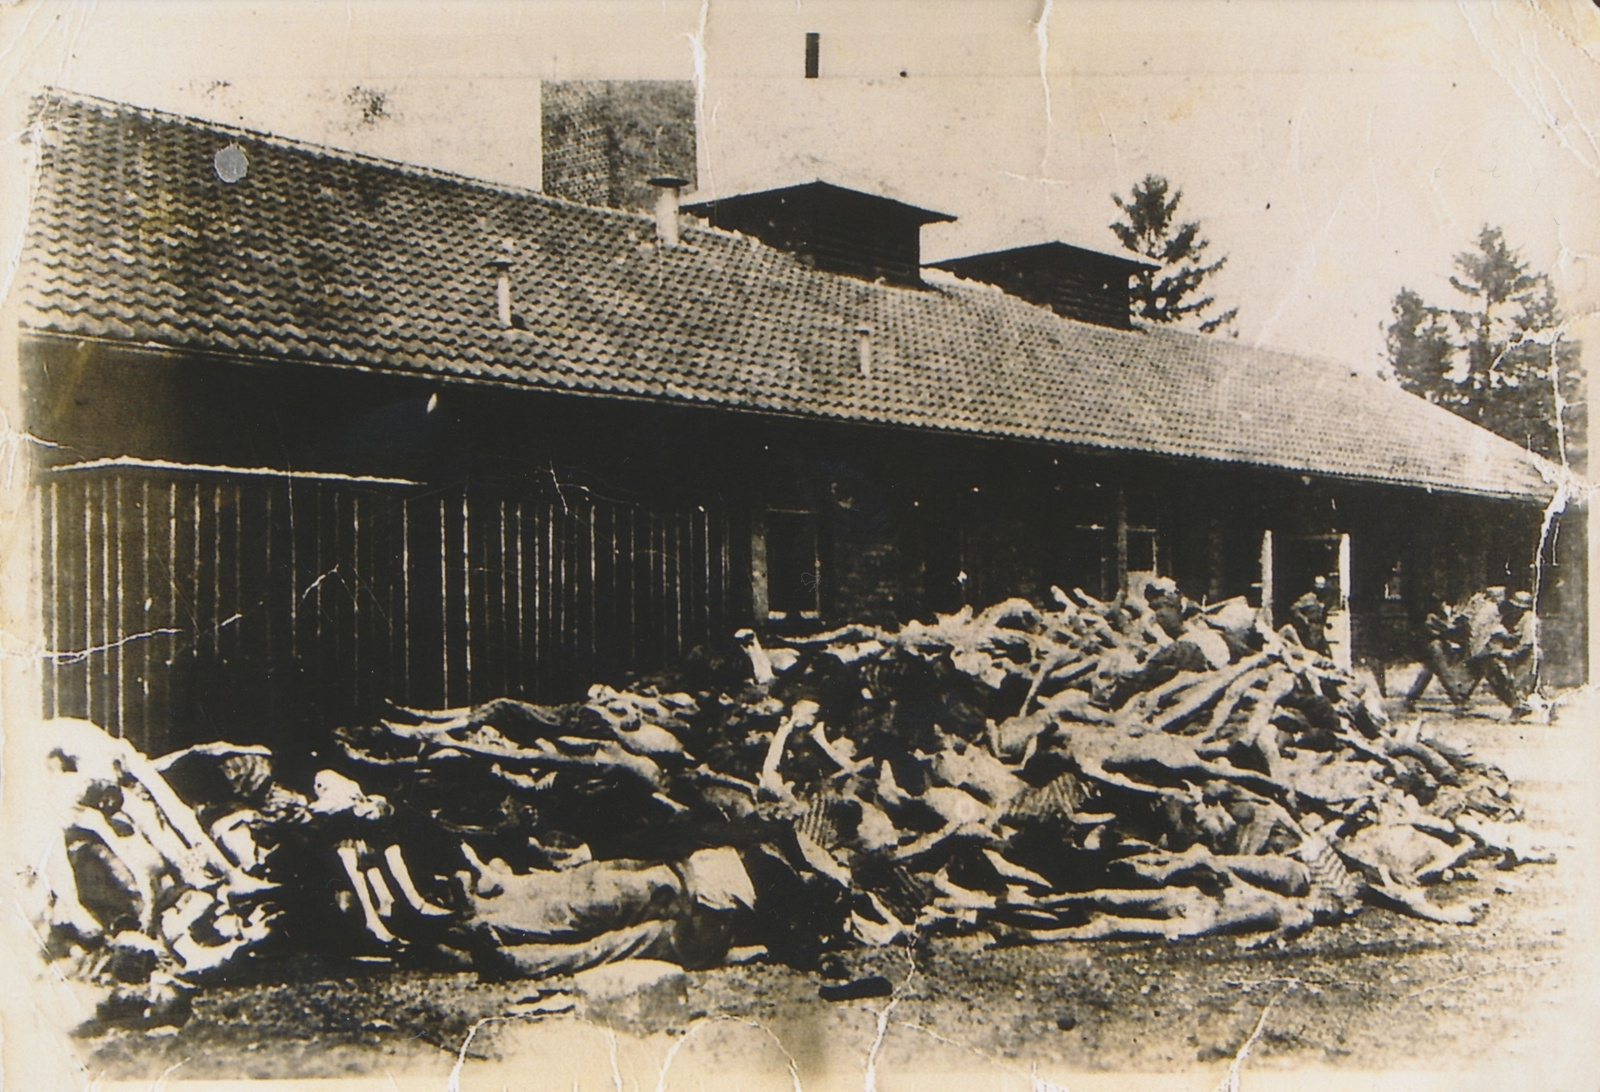 De döda staplades i högar utanför barackerna. Bilden kommer från Dachau, som var det första av nazisternas koncentrationsläger.